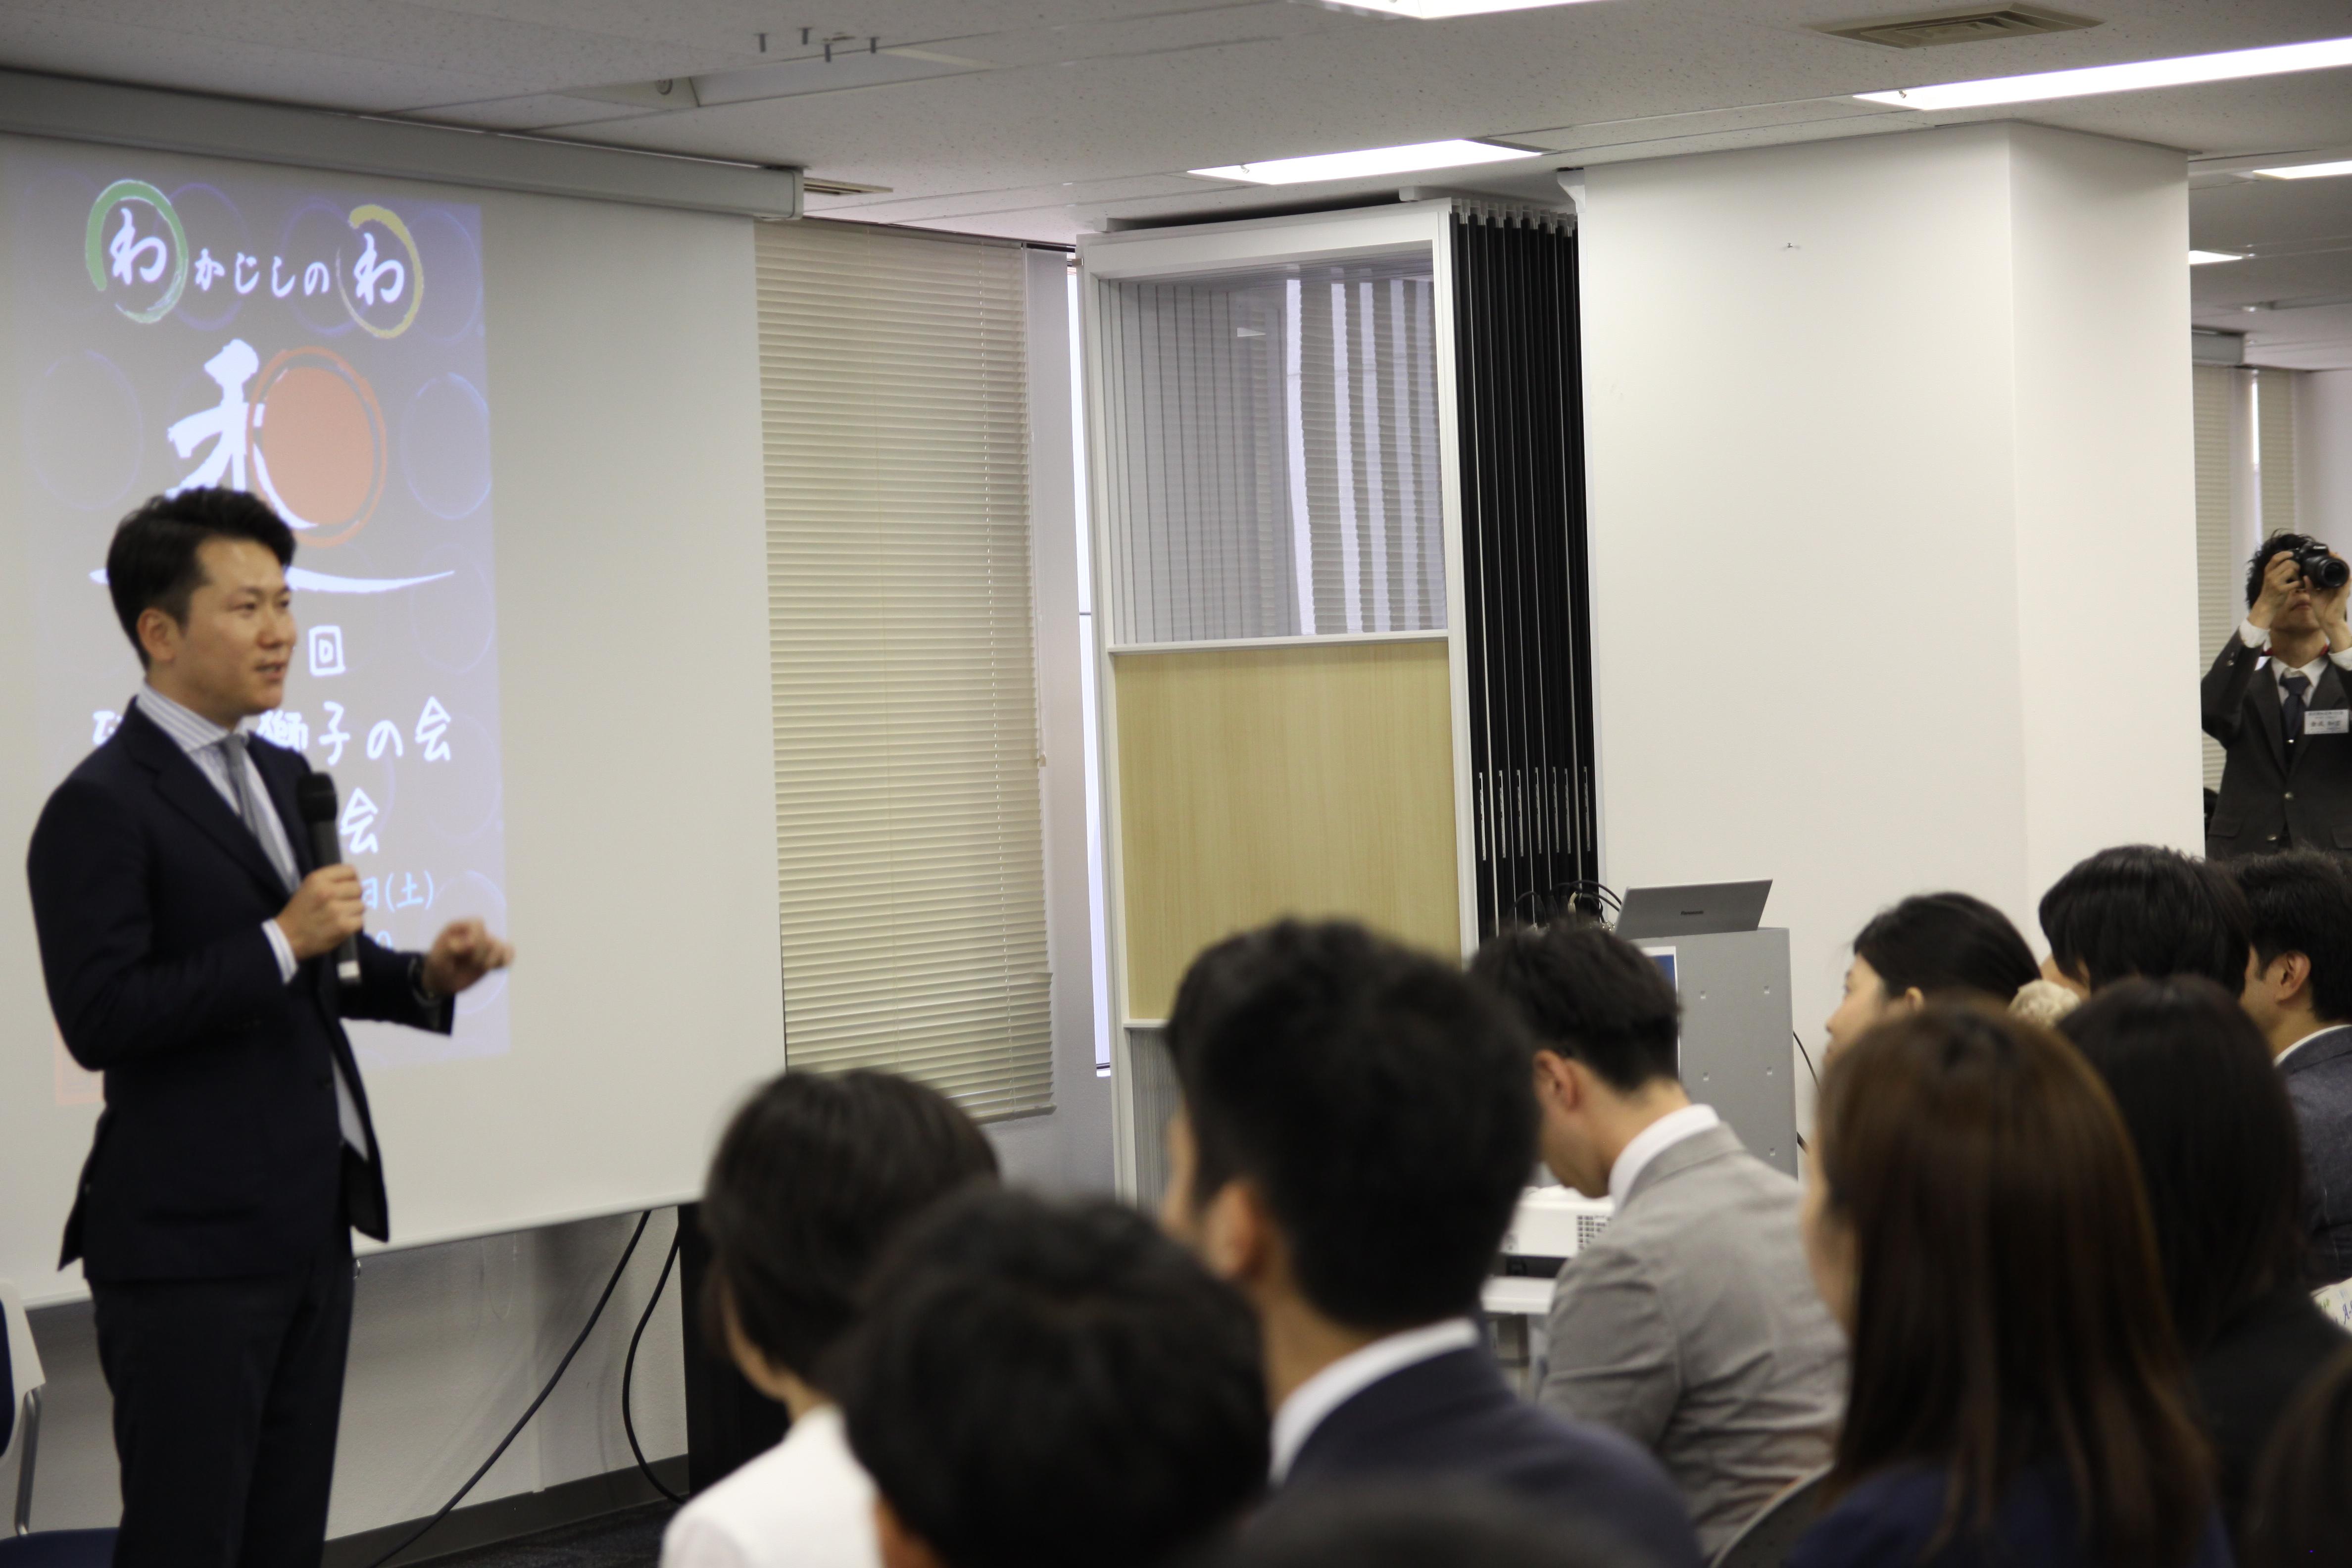 IMG 4572 - 関東若獅子の会、記念すべき第100回